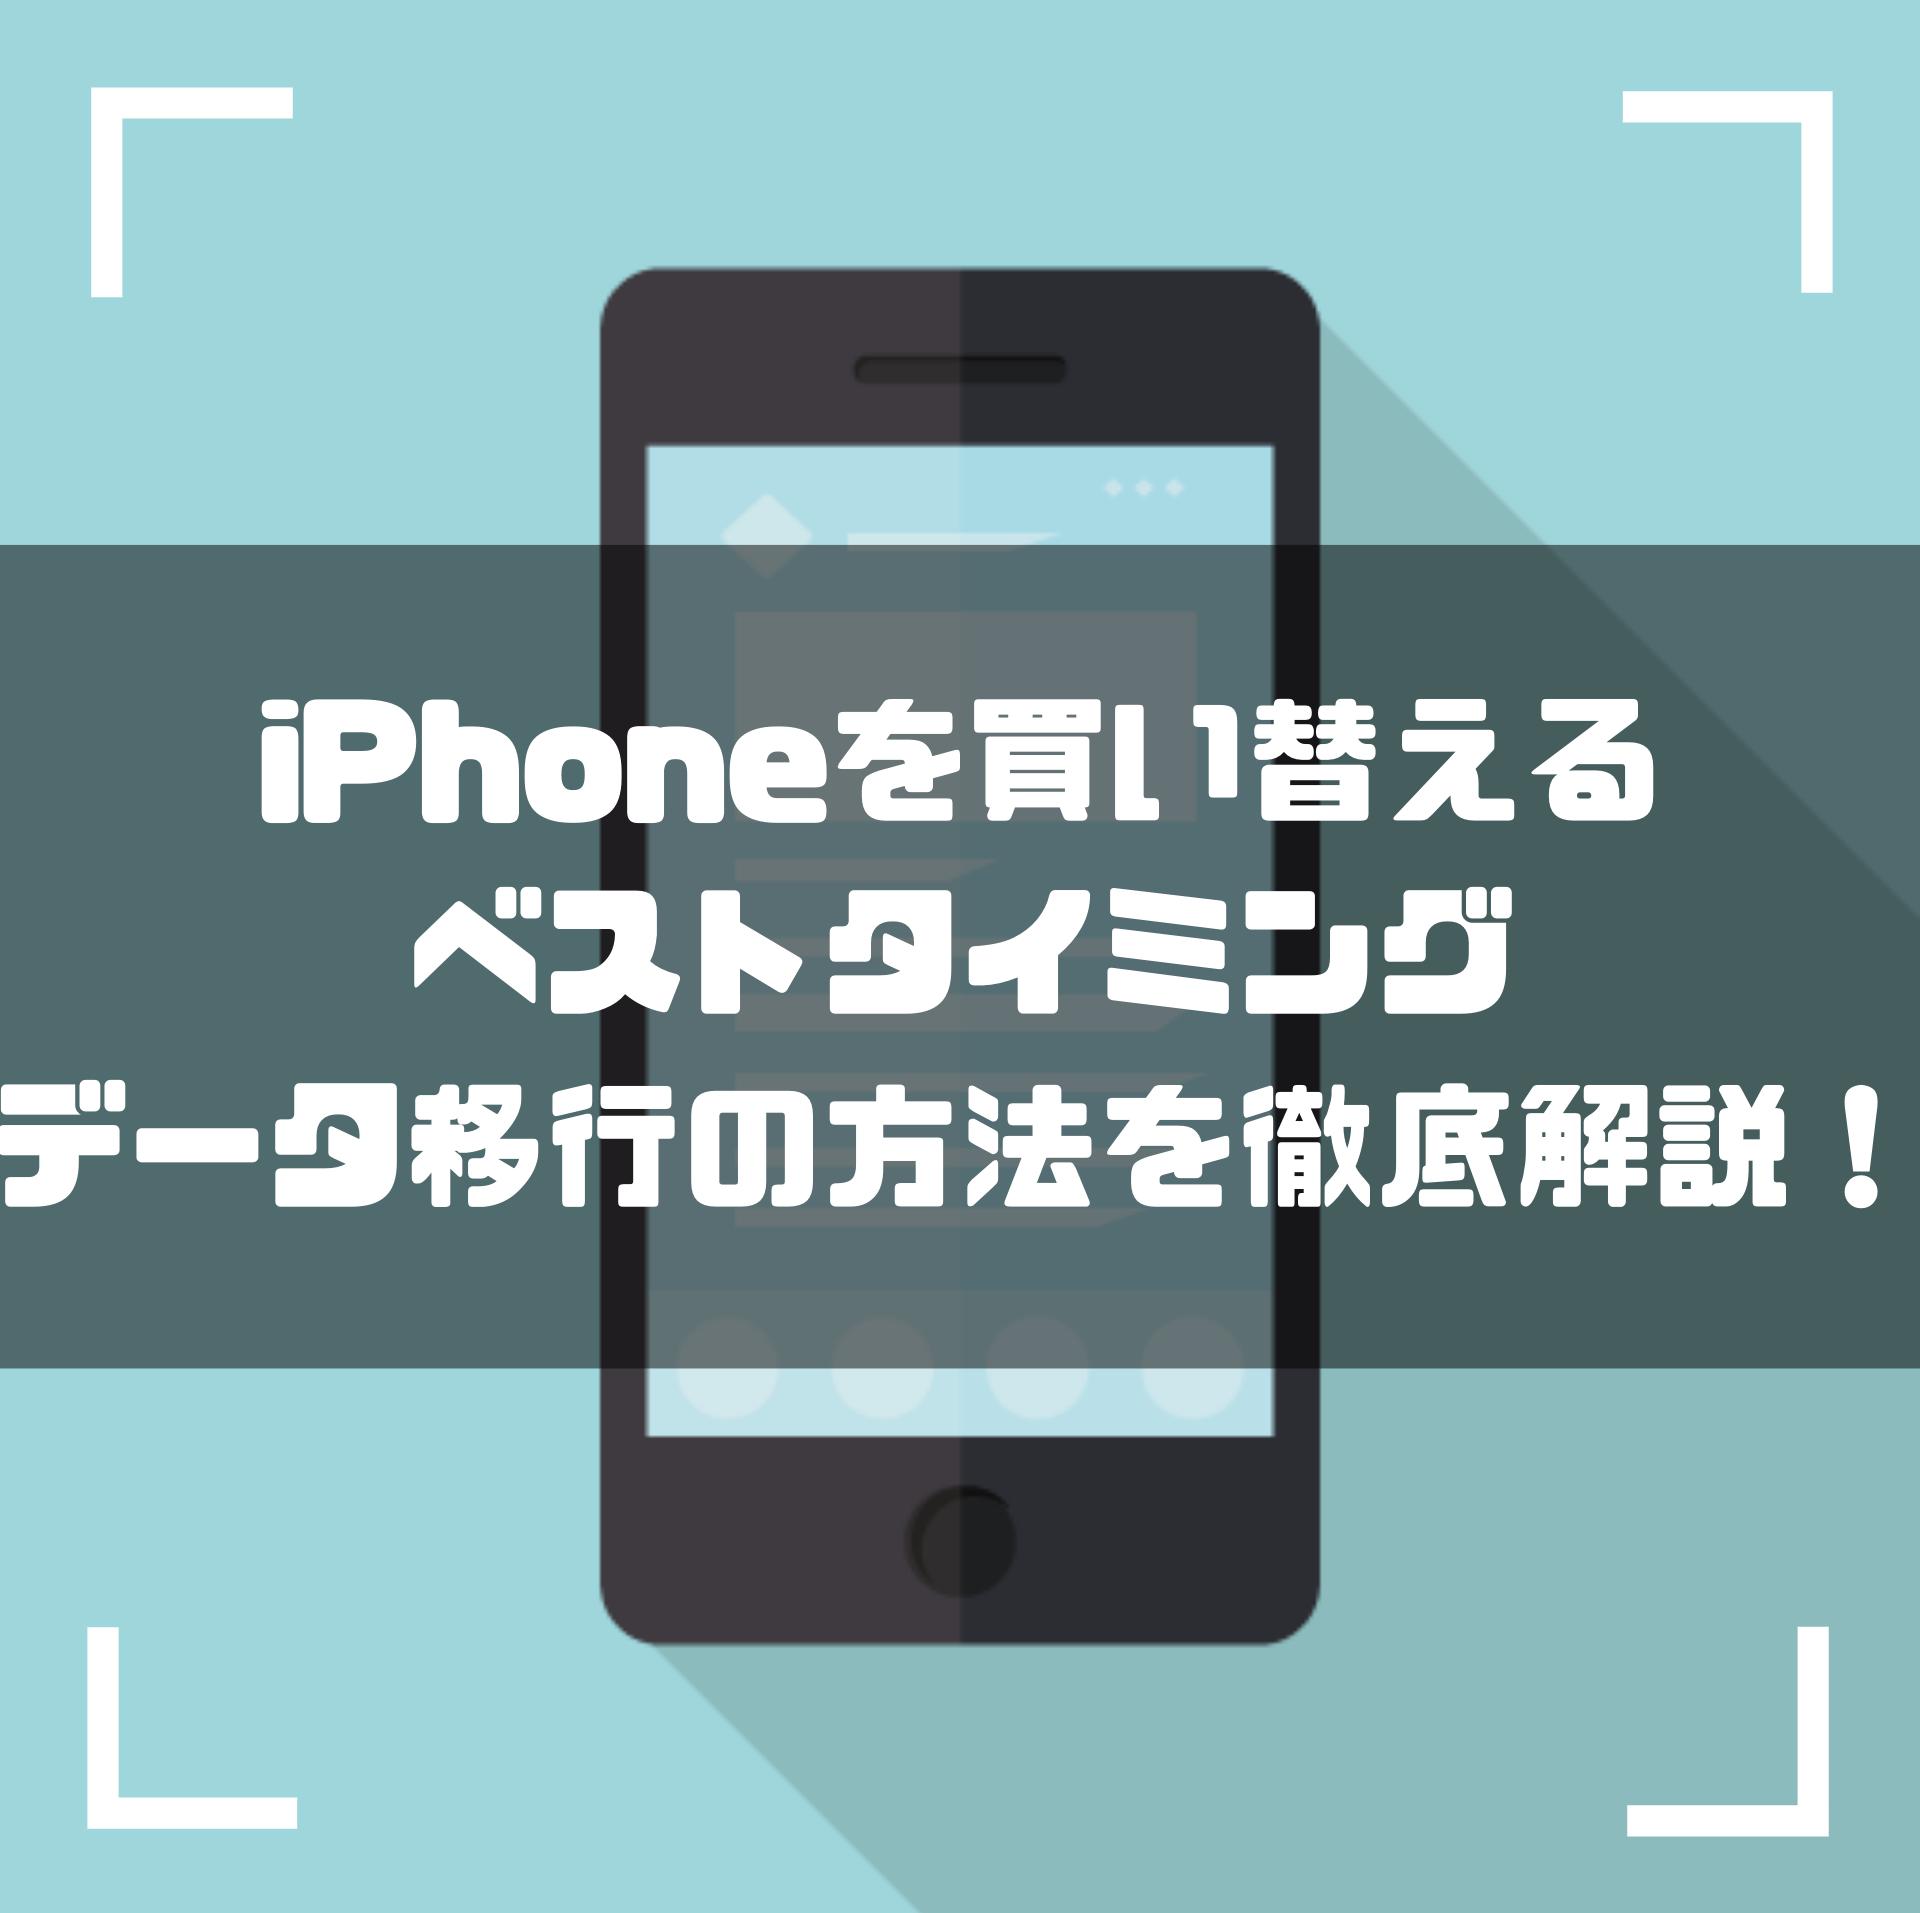 iPhoneの買い替え|ベストタイミングとバックアップ・データ移行の方法まで徹底解説!